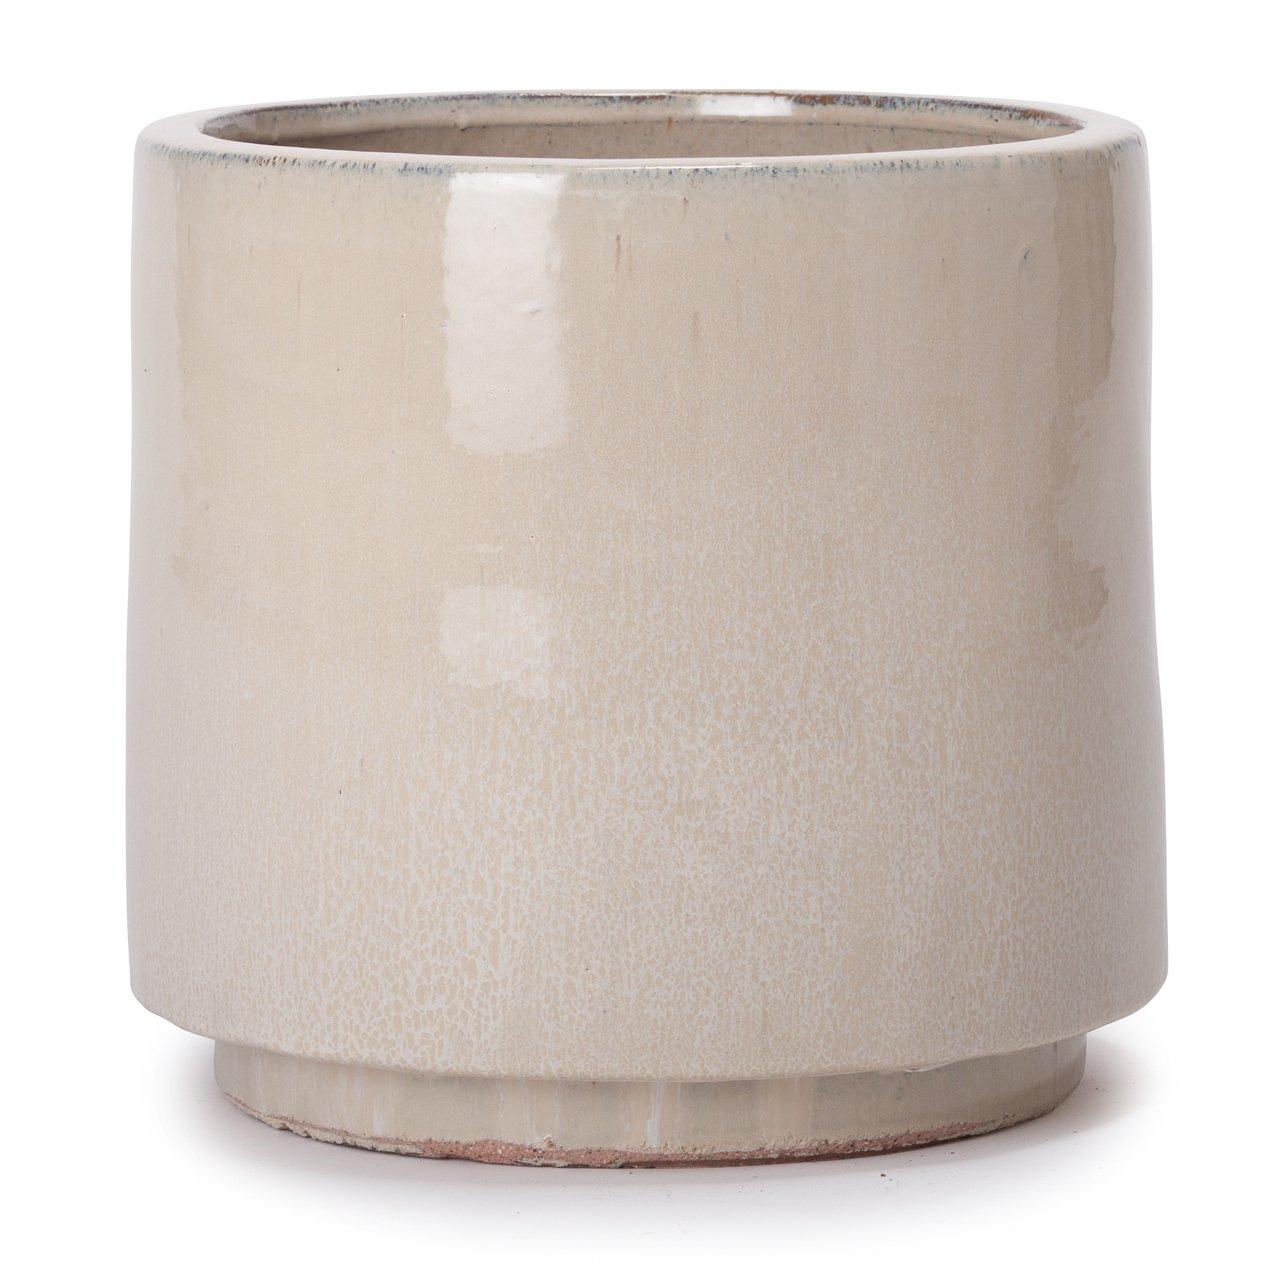 植木鉢 大型中型 ヴィトロ エンデカ インナーポット付き M 10号 クリーム釉 B07D98SRTC M 10号|クリーム釉 クリーム釉 M 10号